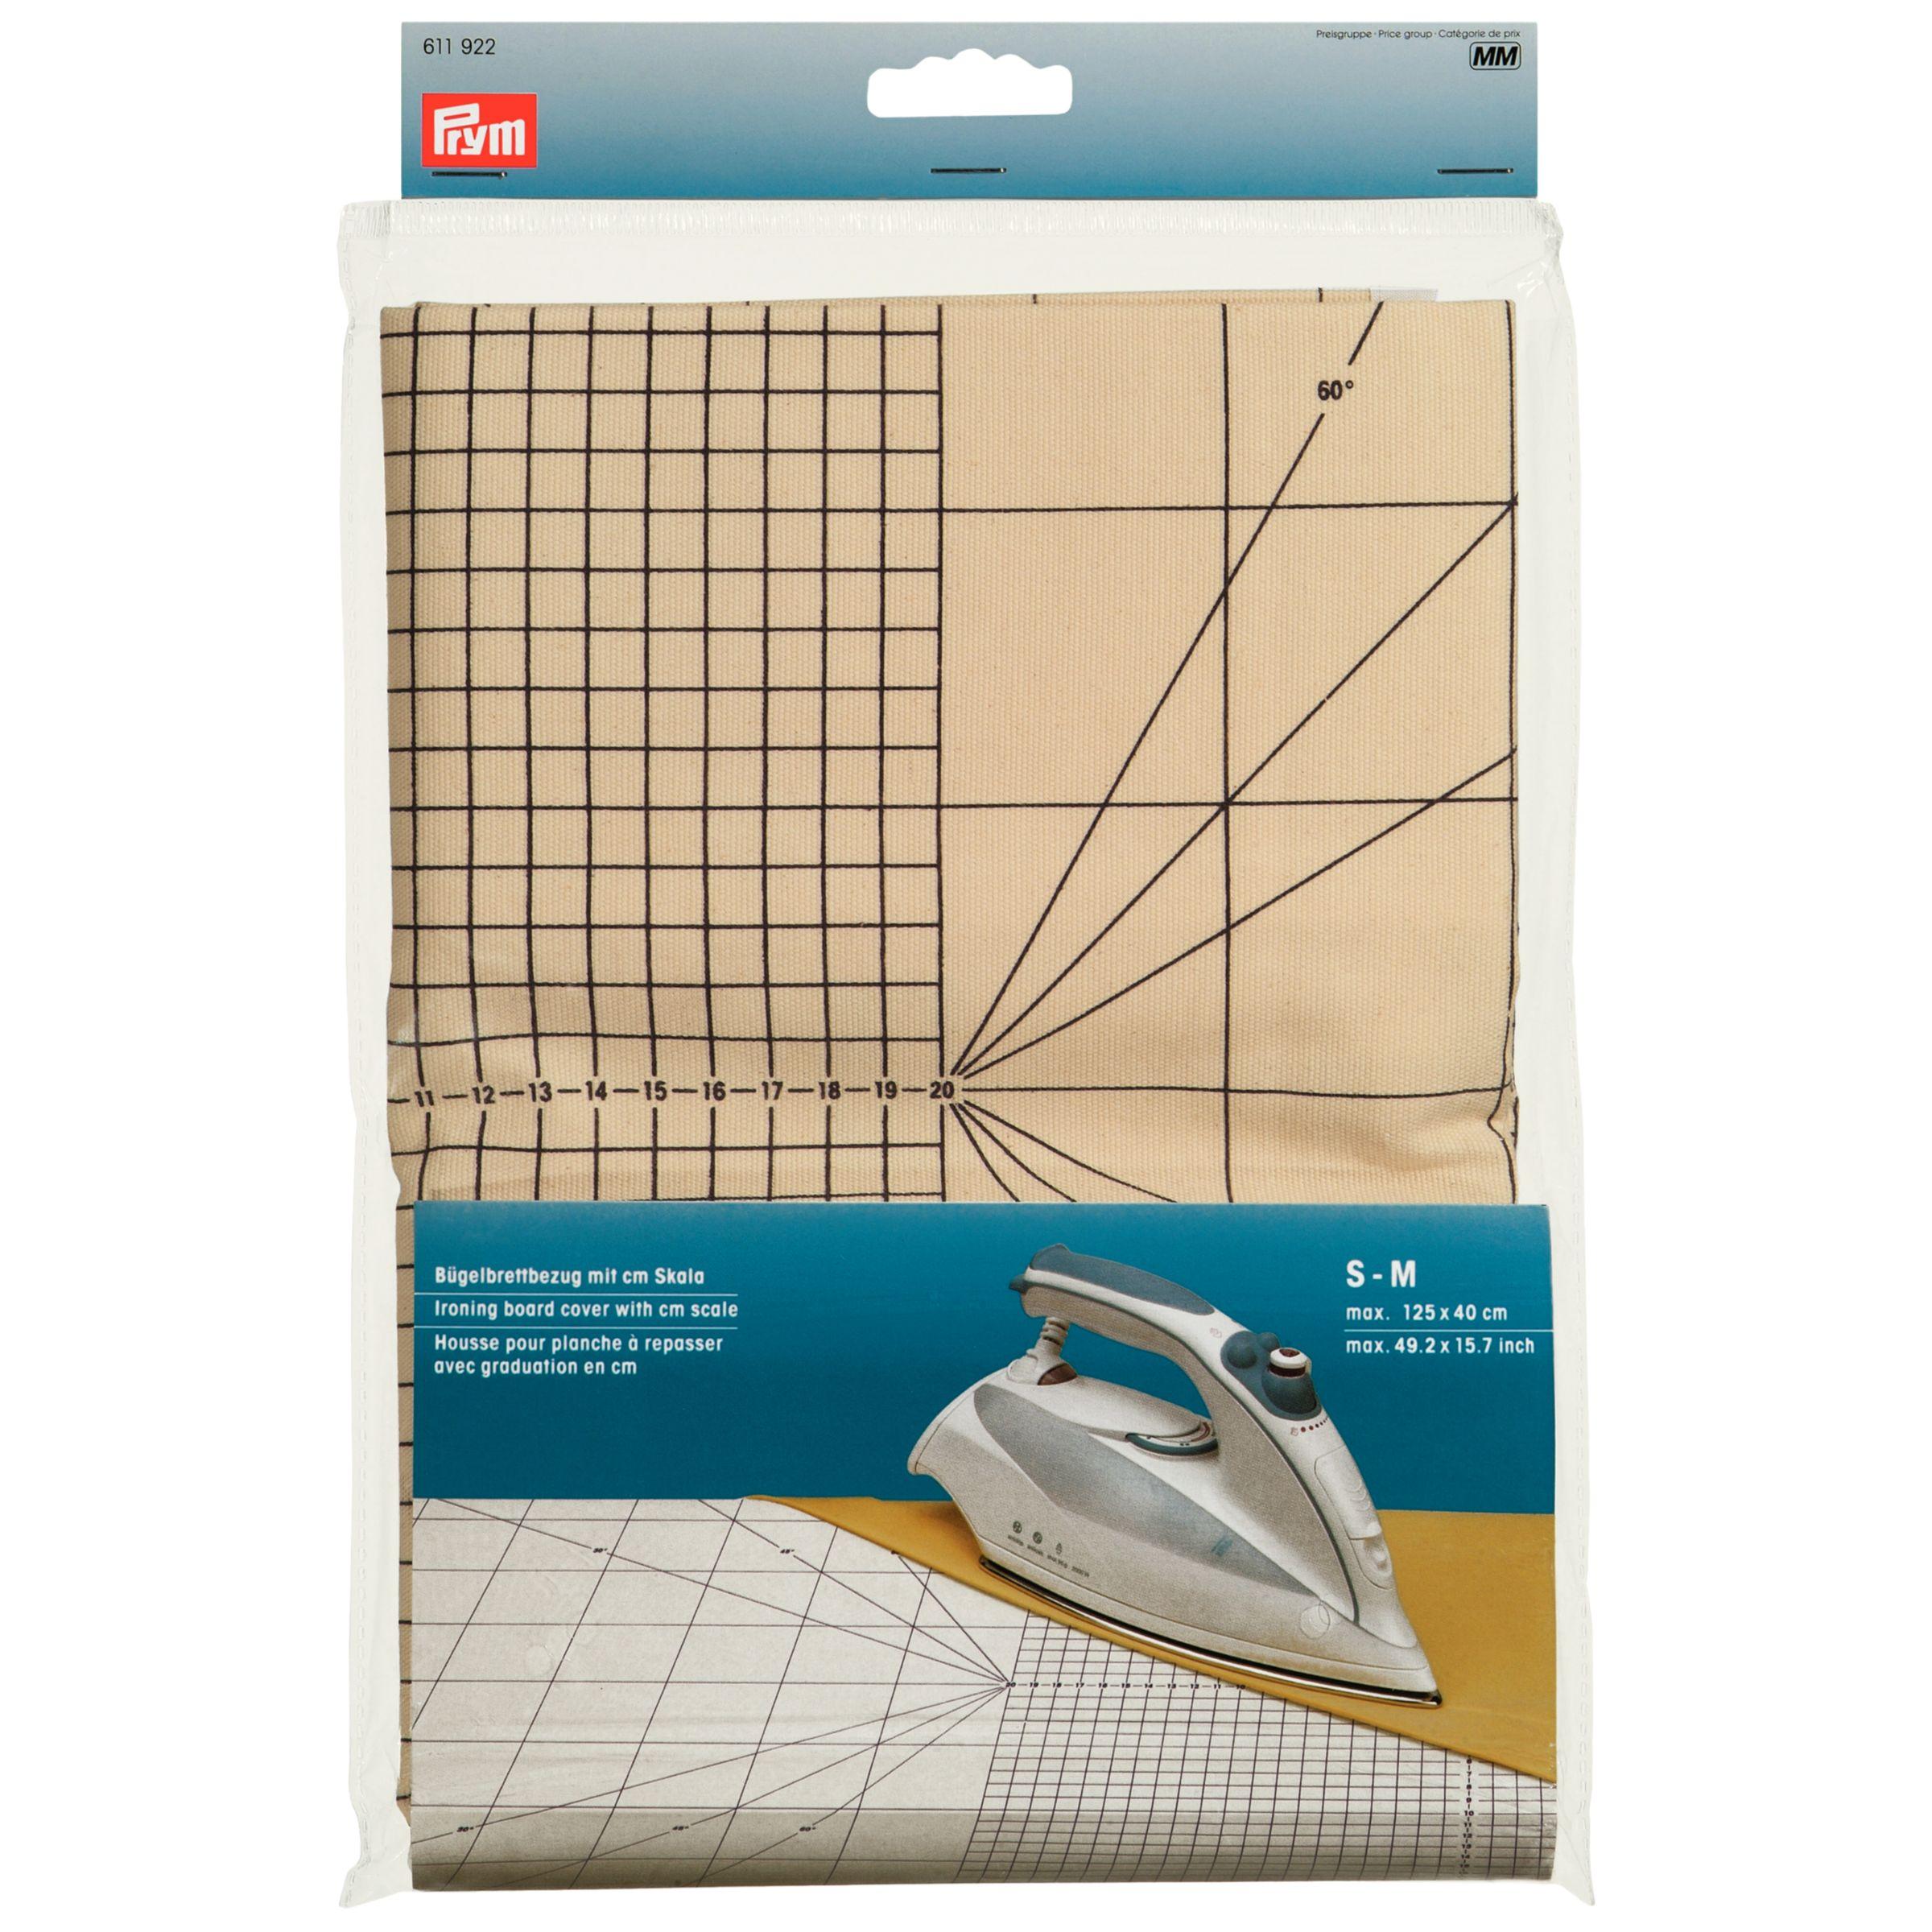 Prym Prym Ironing Board Cover